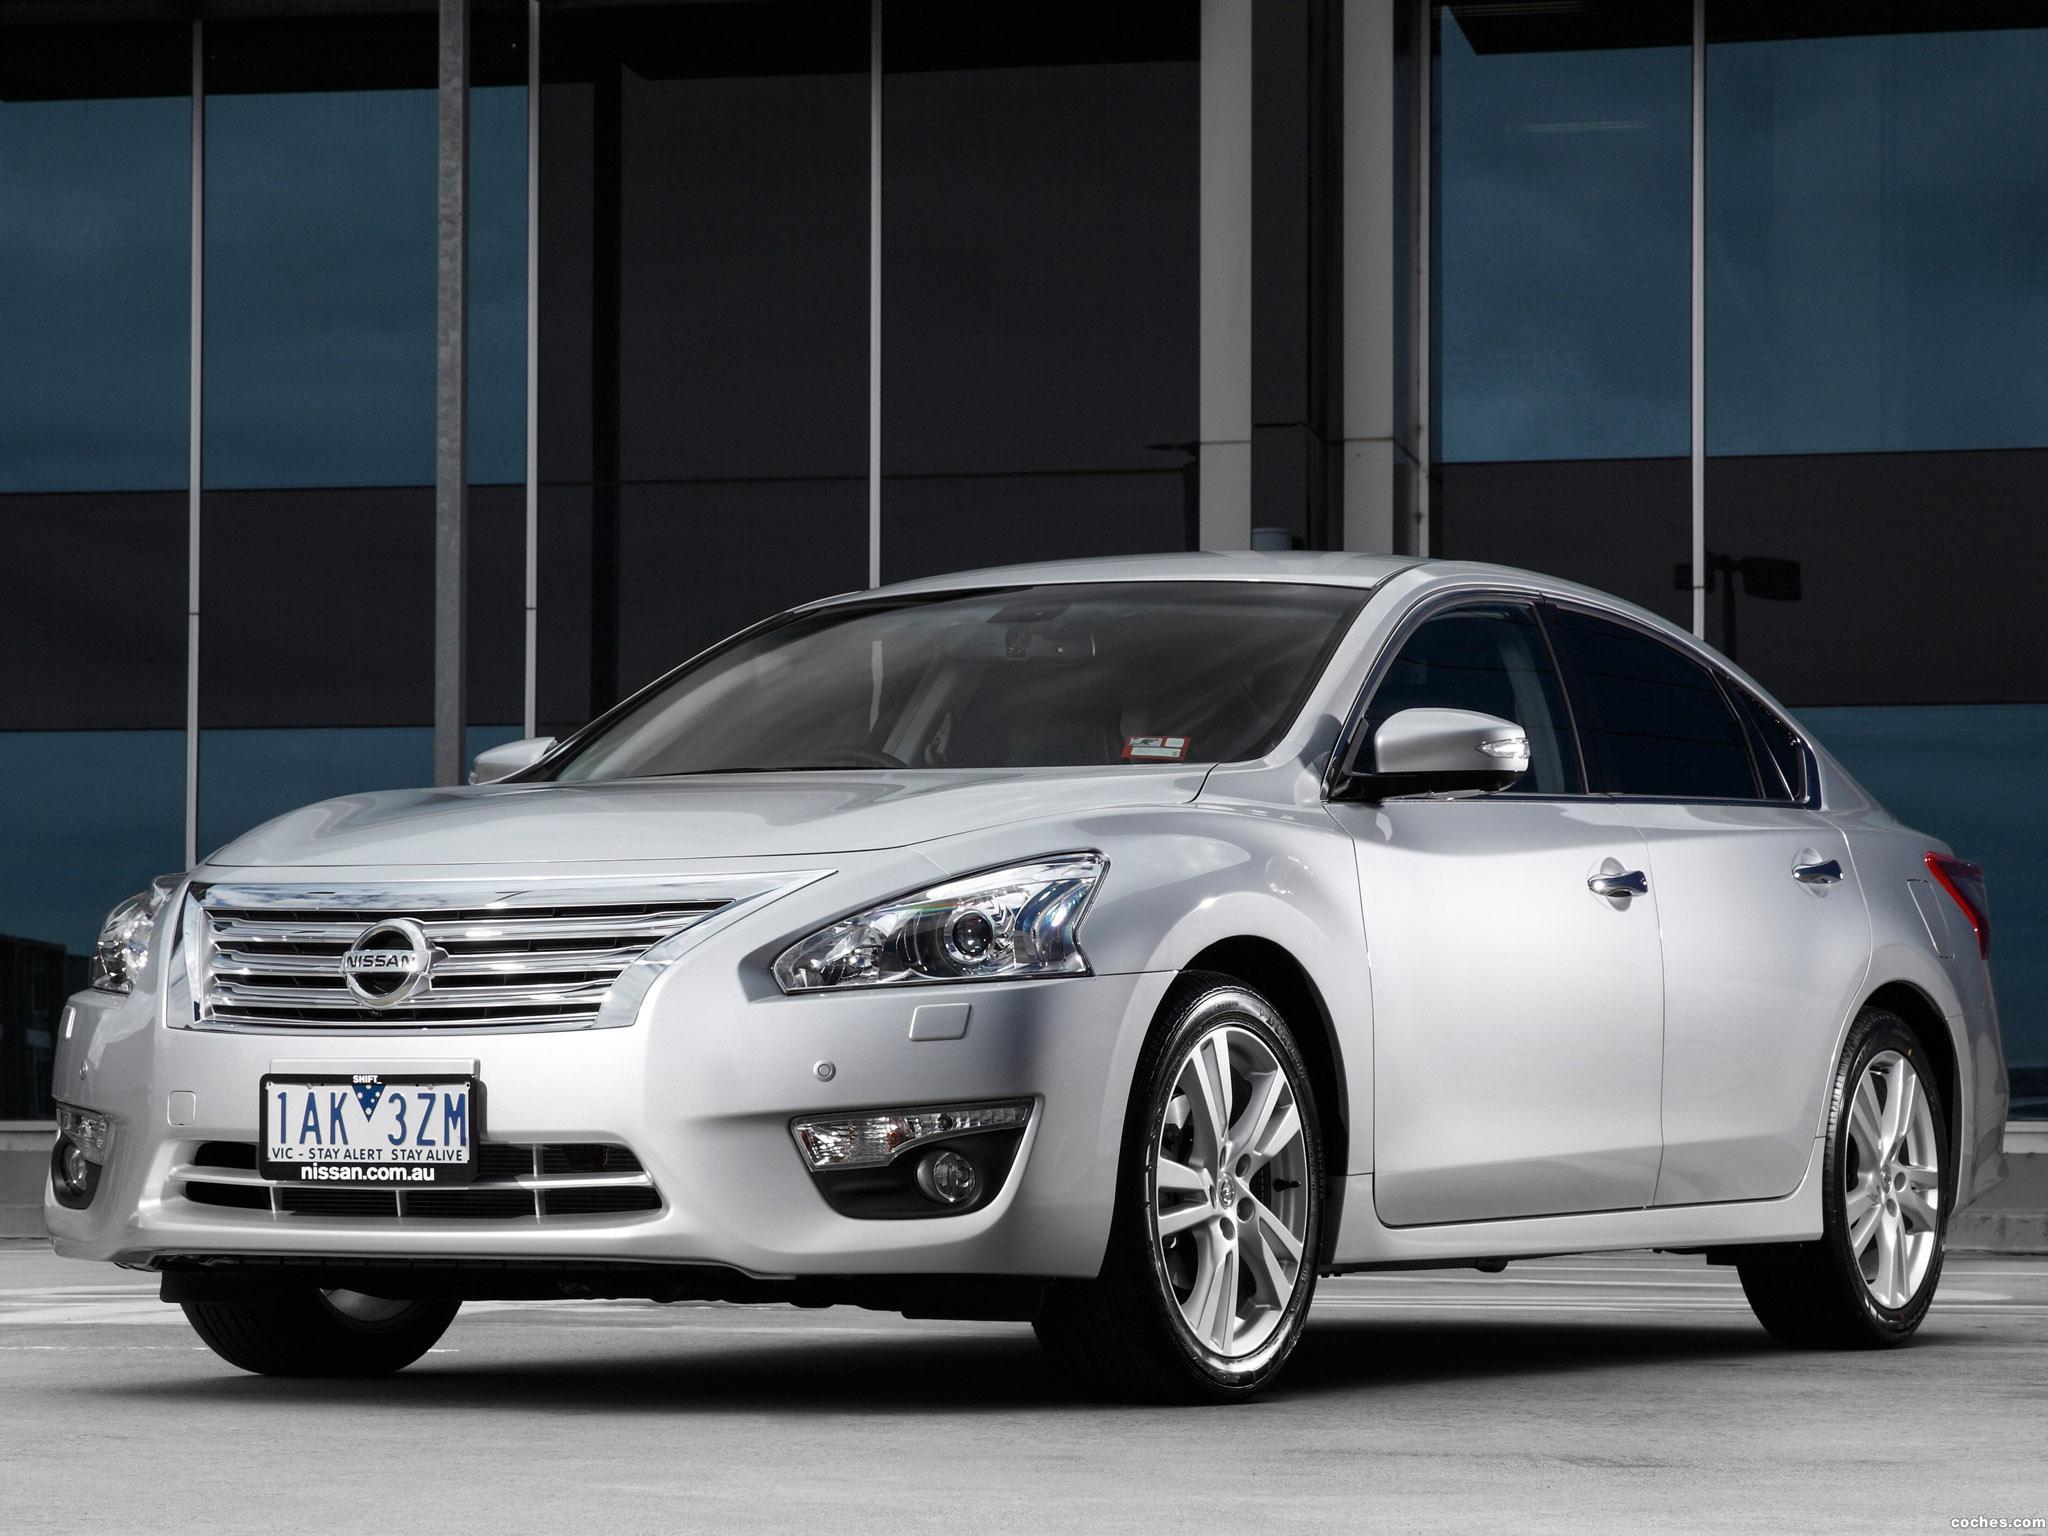 Foto 2 de Nissan Altima Australia 2013